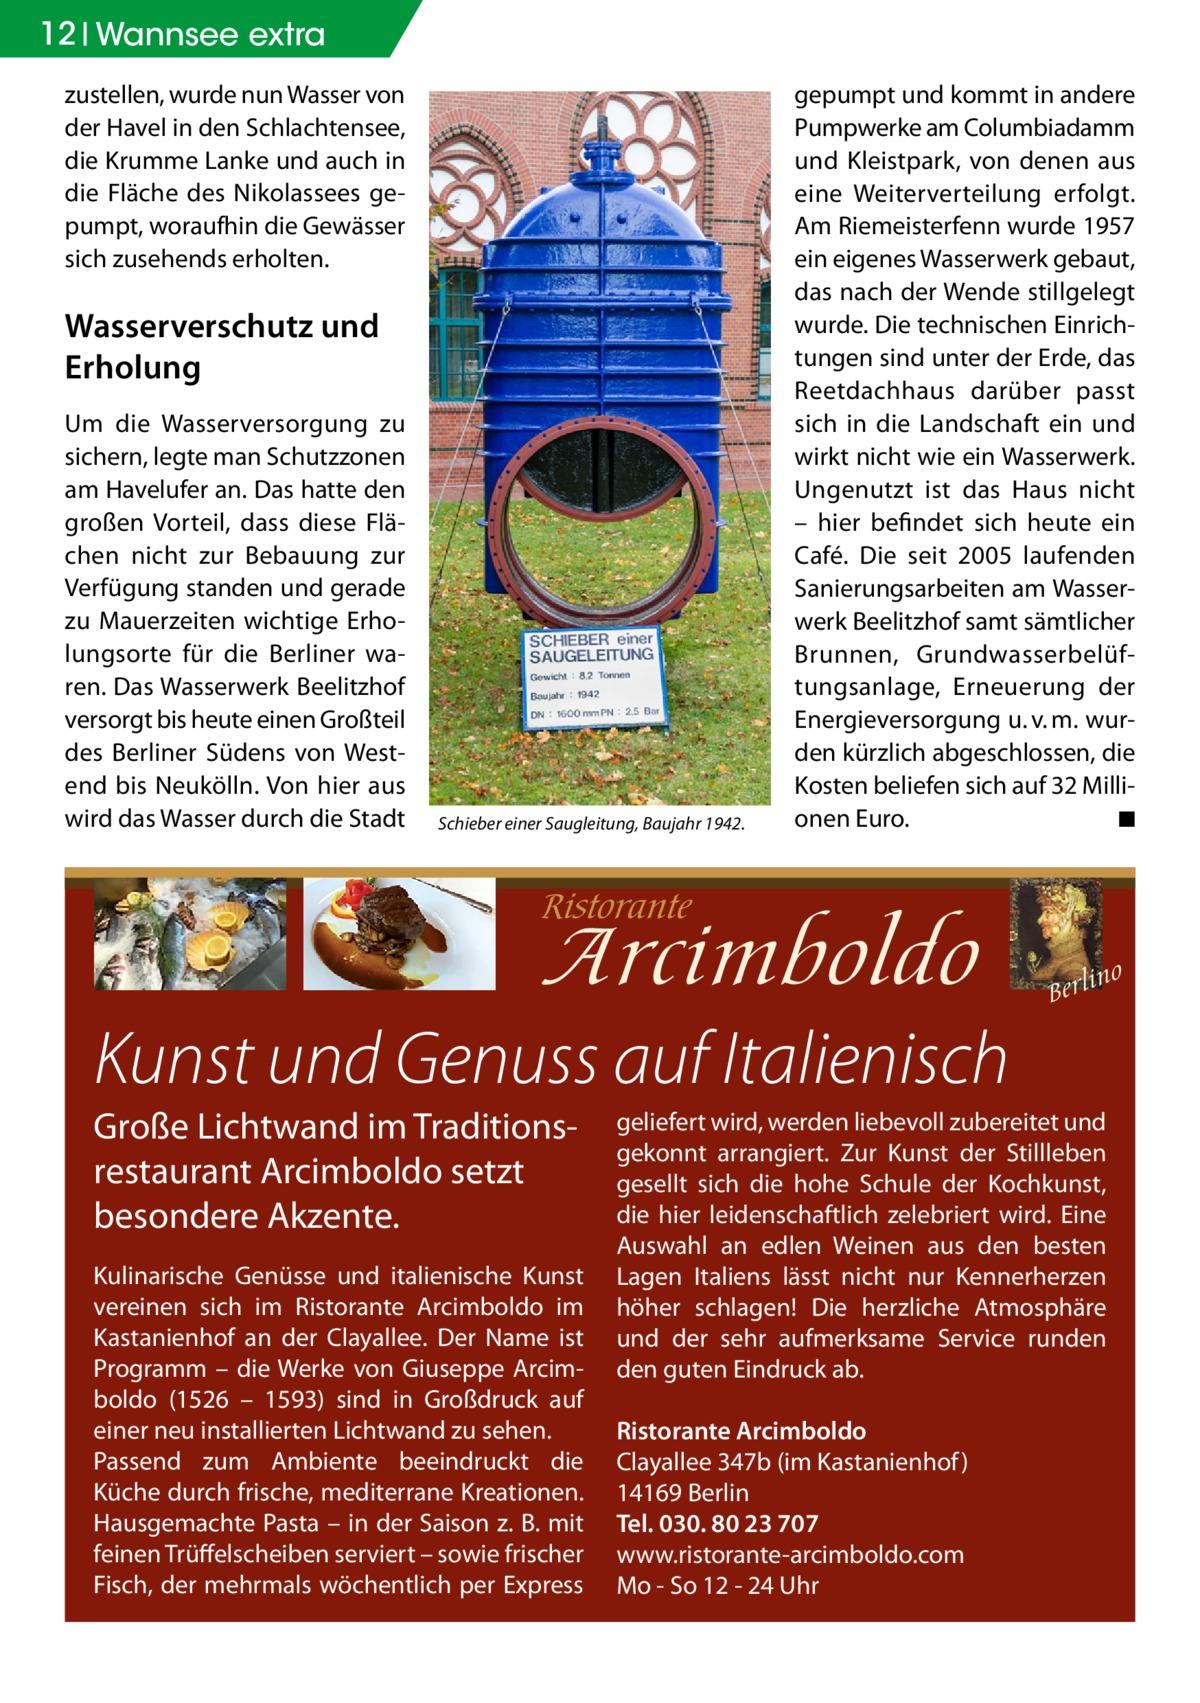 12 Wannsee extra zustellen, wurde nun Wasser von der Havel in den Schlachtensee, die Krumme Lanke und auch in die Fläche des Nikolassees gepumpt, woraufhin die Gewässer sich zusehends erholten.  Wasserverschutz und Erholung Um die Wasserversorgung zu sichern, legte man Schutzzonen am Havelufer an. Das hatte den großen Vorteil, dass diese Flächen nicht zur Bebauung zur Verfügung standen und gerade zu Mauerzeiten wichtige Erholungsorte für die Berliner waren. Das Wasserwerk Beelitzhof versorgt bis heute einen Großteil des Berliner Südens von Westend bis Neukölln. Von hier aus wird das Wasser durch die Stadt  Schieber einer Saugleitung, Baujahr 1942.  gepumpt und kommt in andere Pumpwerke am Columbiadamm und Kleistpark, von denen aus eine Weiterverteilung erfolgt. Am Riemeisterfenn wurde 1957 ein eigenes Wasserwerk gebaut, das nach der Wende stillgelegt wurde. Die technischen Einrichtungen sind unter der Erde, das Reetdachhaus darüber passt sich in die Landschaft ein und wirkt nicht wie ein Wasserwerk. Ungenutzt ist das Haus nicht – hier befindet sich heute ein Café. Die seit 2005 laufenden Sanierungsarbeiten am Wasserwerk Beelitzhof samt sämtlicher Brunnen, Grundwasserbelüftungsanlage, Erneuerung der Energieversorgung u.v.m. wurden kürzlich abgeschlossen, die Kosten beliefen sich auf 32 Millionen Euro. � ◾  Kunst und Genuss auf Italienisch Große Lichtwand im Traditionsrestaurant Arcimboldo setzt besondere Akzente. Kulinarische Genüsse und italienische Kunst vereinen sich im Ristorante Arcimboldo im Kastanienhof an der Clayallee. Der Name ist Programm – die Werke von Giuseppe Arcimboldo (1526 – 1593) sind in Großdruck auf einer neu installierten Lichtwand zu sehen. Passend zum Ambiente beeindruckt die Küche durch frische, mediterrane Kreationen. Hausgemachte Pasta – in der Saison z. B. mit feinen Trüffelscheiben serviert – sowie frischer Fisch, der mehrmals wöchentlich per Express  geliefert wird, werden liebevoll zubereitet und gekonnt arrangiert. Zur Kunst der Stilll